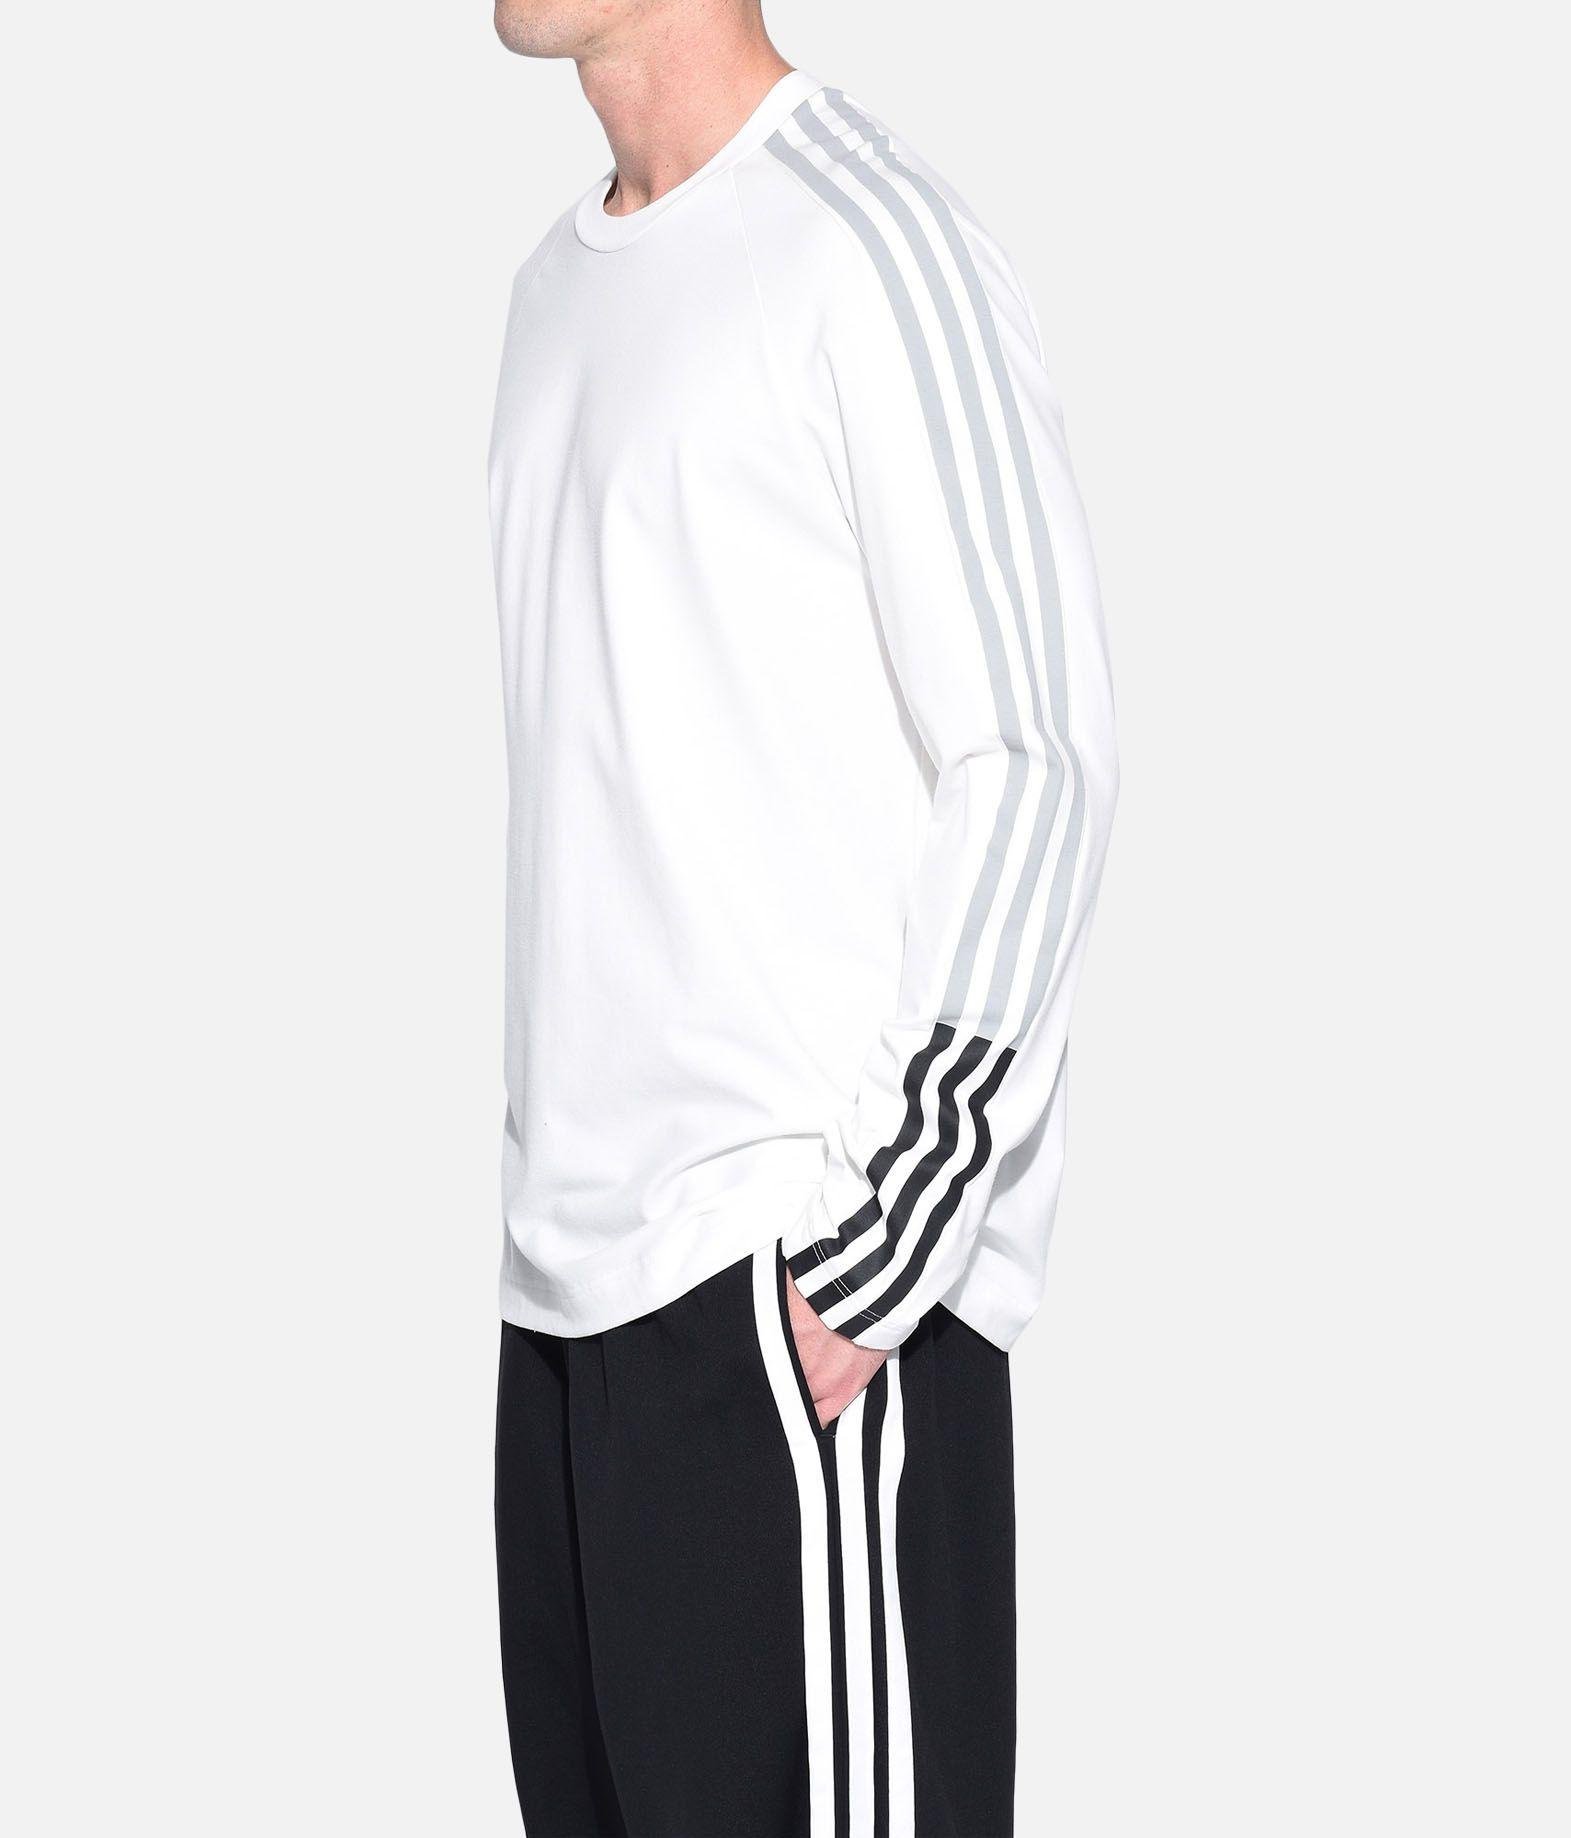 Y-3 Y-3 3-Stripes Tee 長袖 カットソー メンズ e